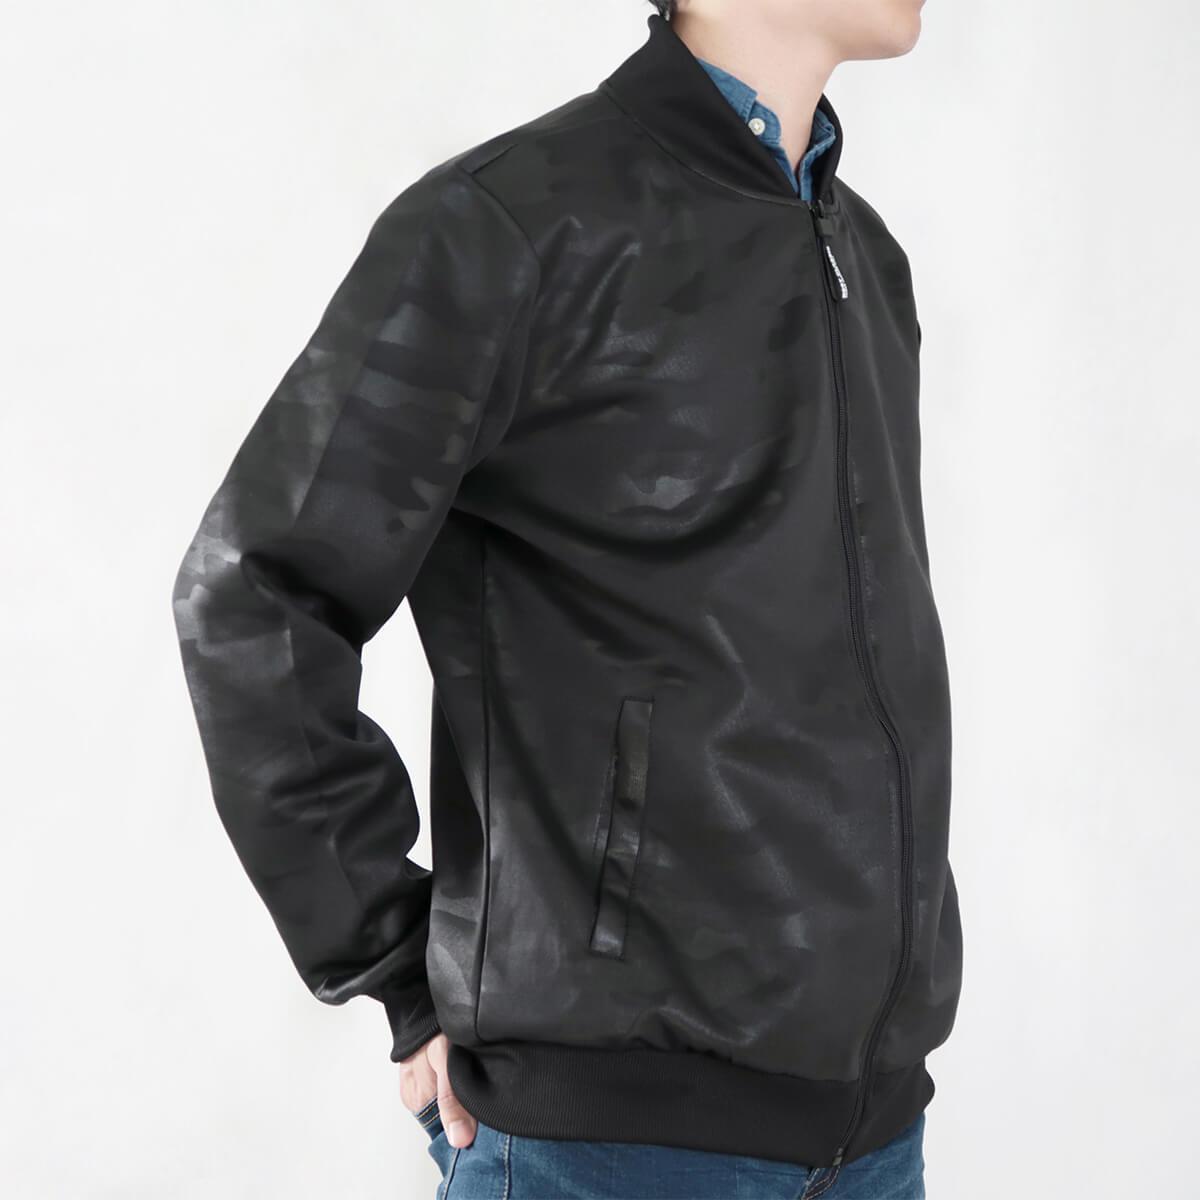 韓版迷彩飛行夾克 MA-1飛行外套 迷彩外套 空軍外套 輕量單層薄外套 MA-1 CAMOUFLAGE FLIGHT JACKET (321-8917-01)深藍色、(321-8917-02)黑色 3L 4L(胸圍48~51英吋) [實體店面保障] sun-e 1